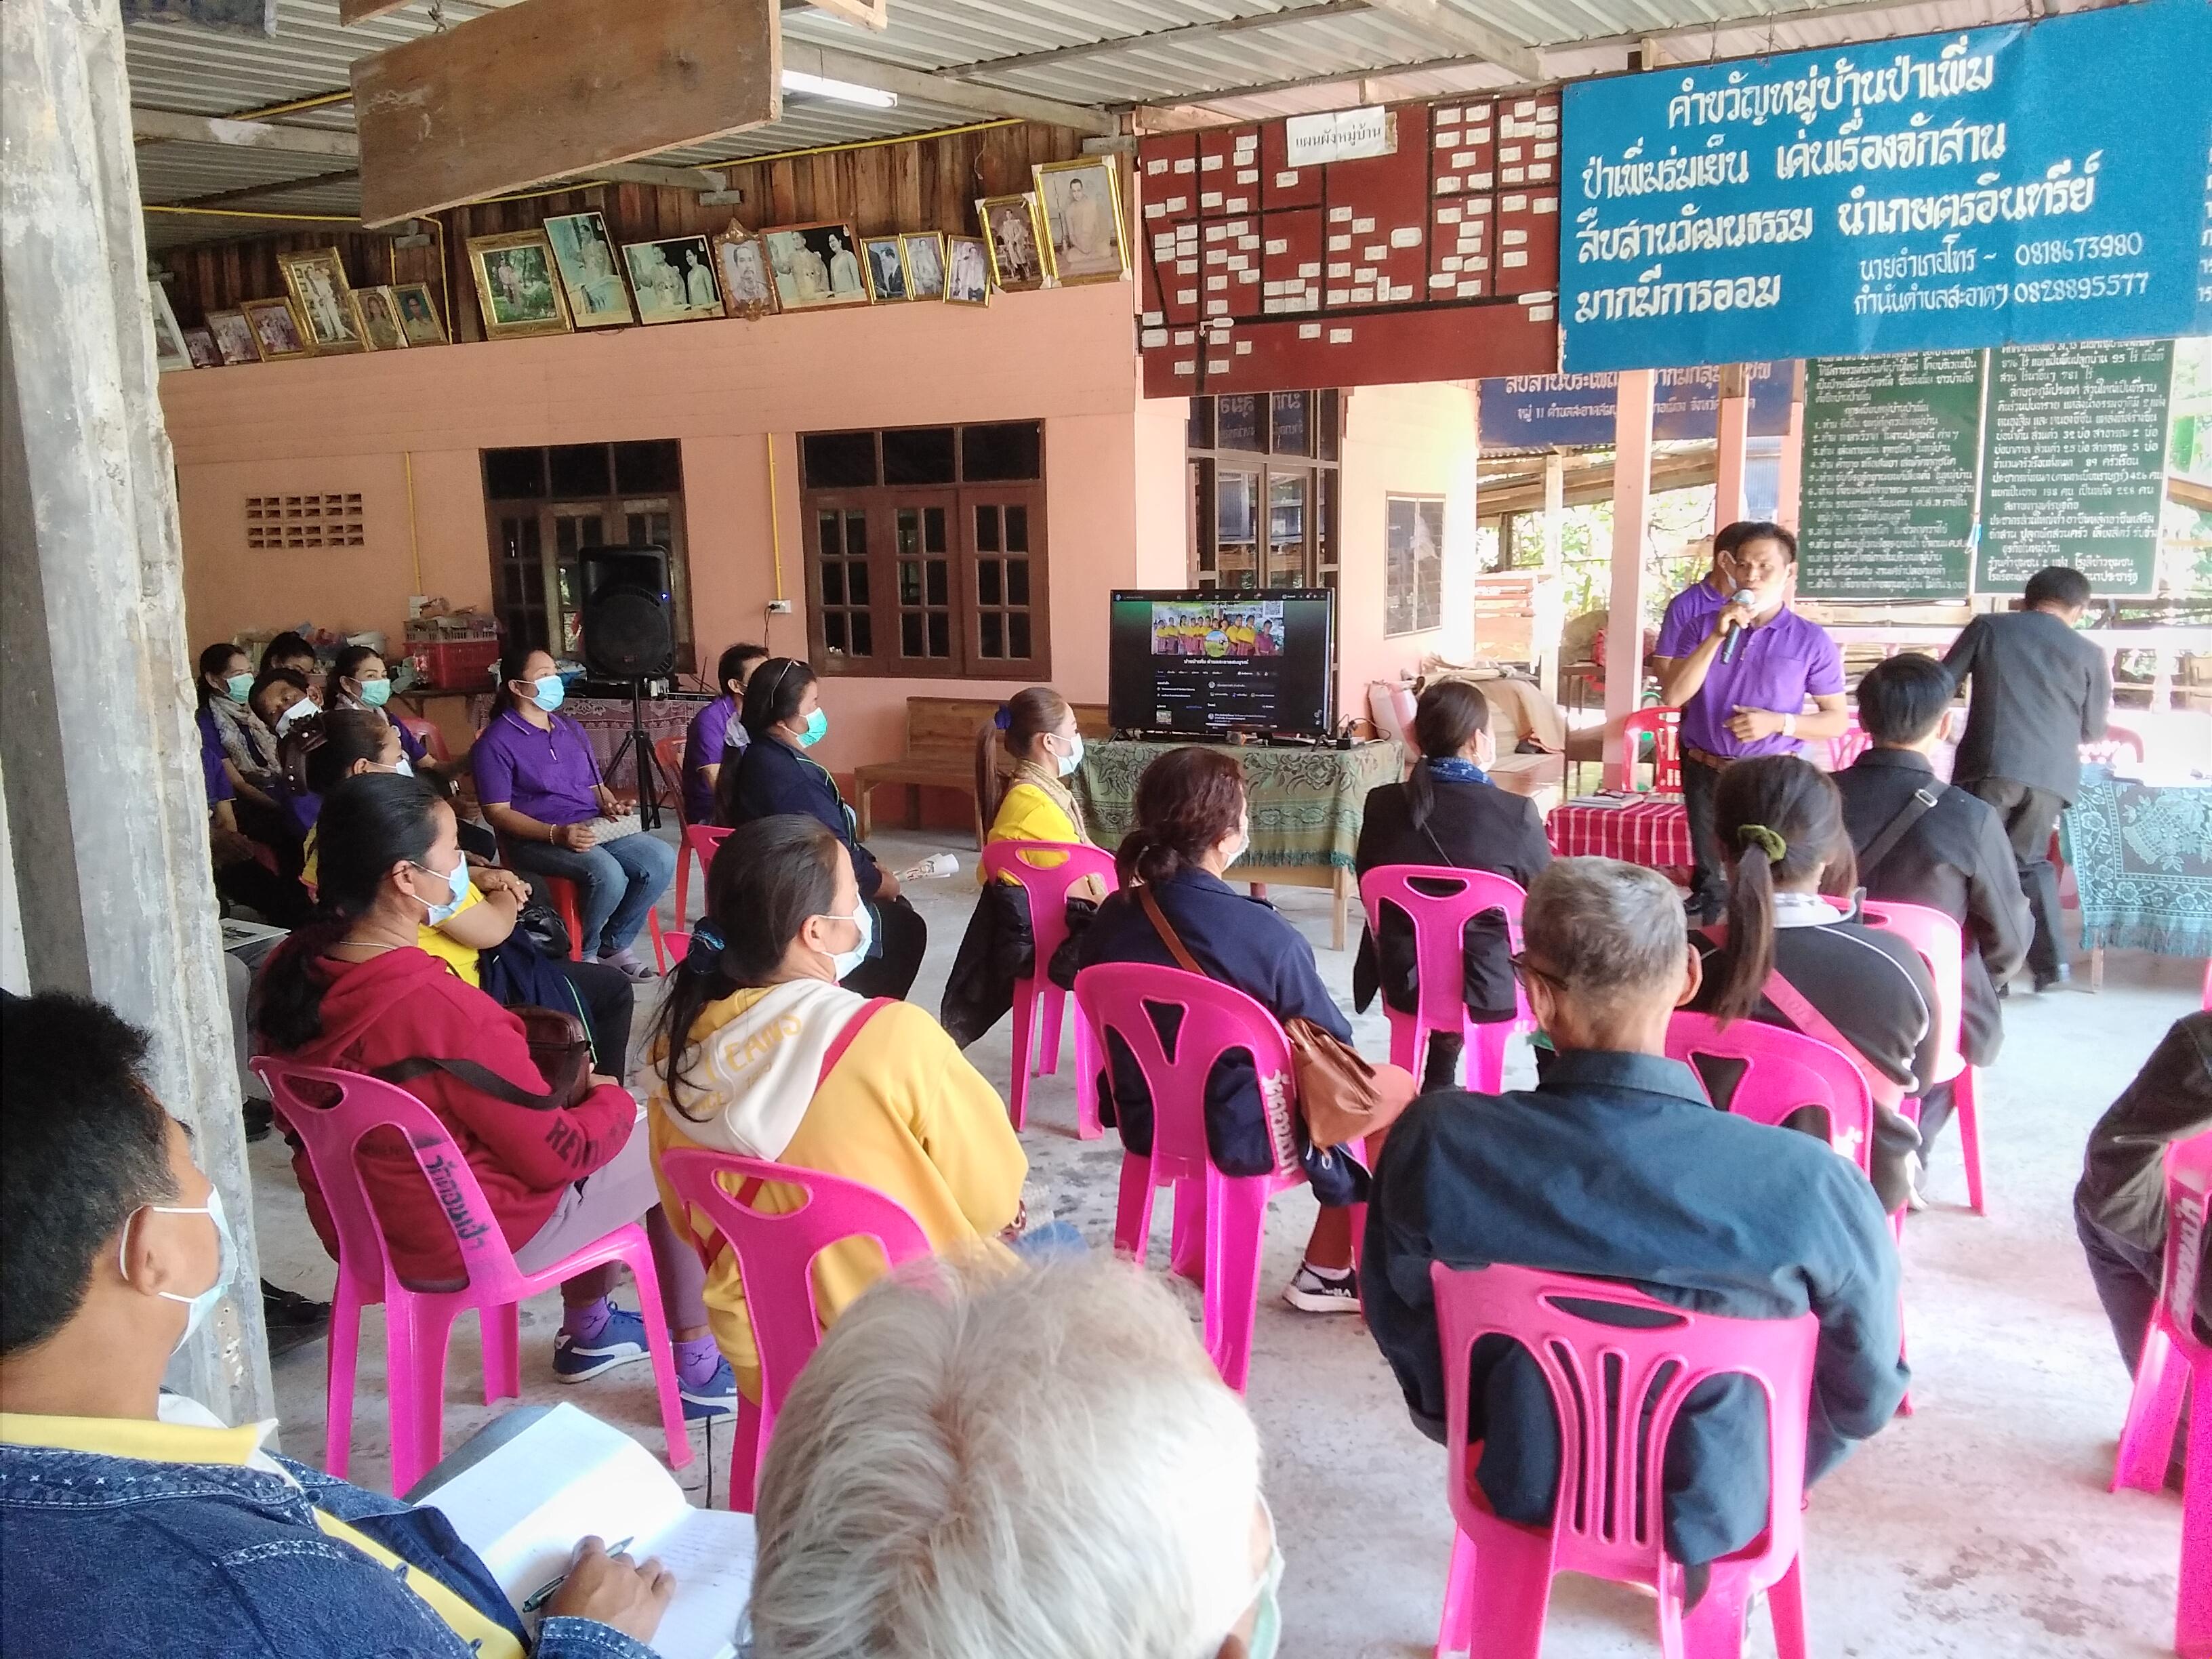 คณะศึกษาดูงานจากพัฒนาชุมชน กาฬ์สินธุ์มาศึกษาดูงานบ้านป่าเพิ่ม หมู่ 11